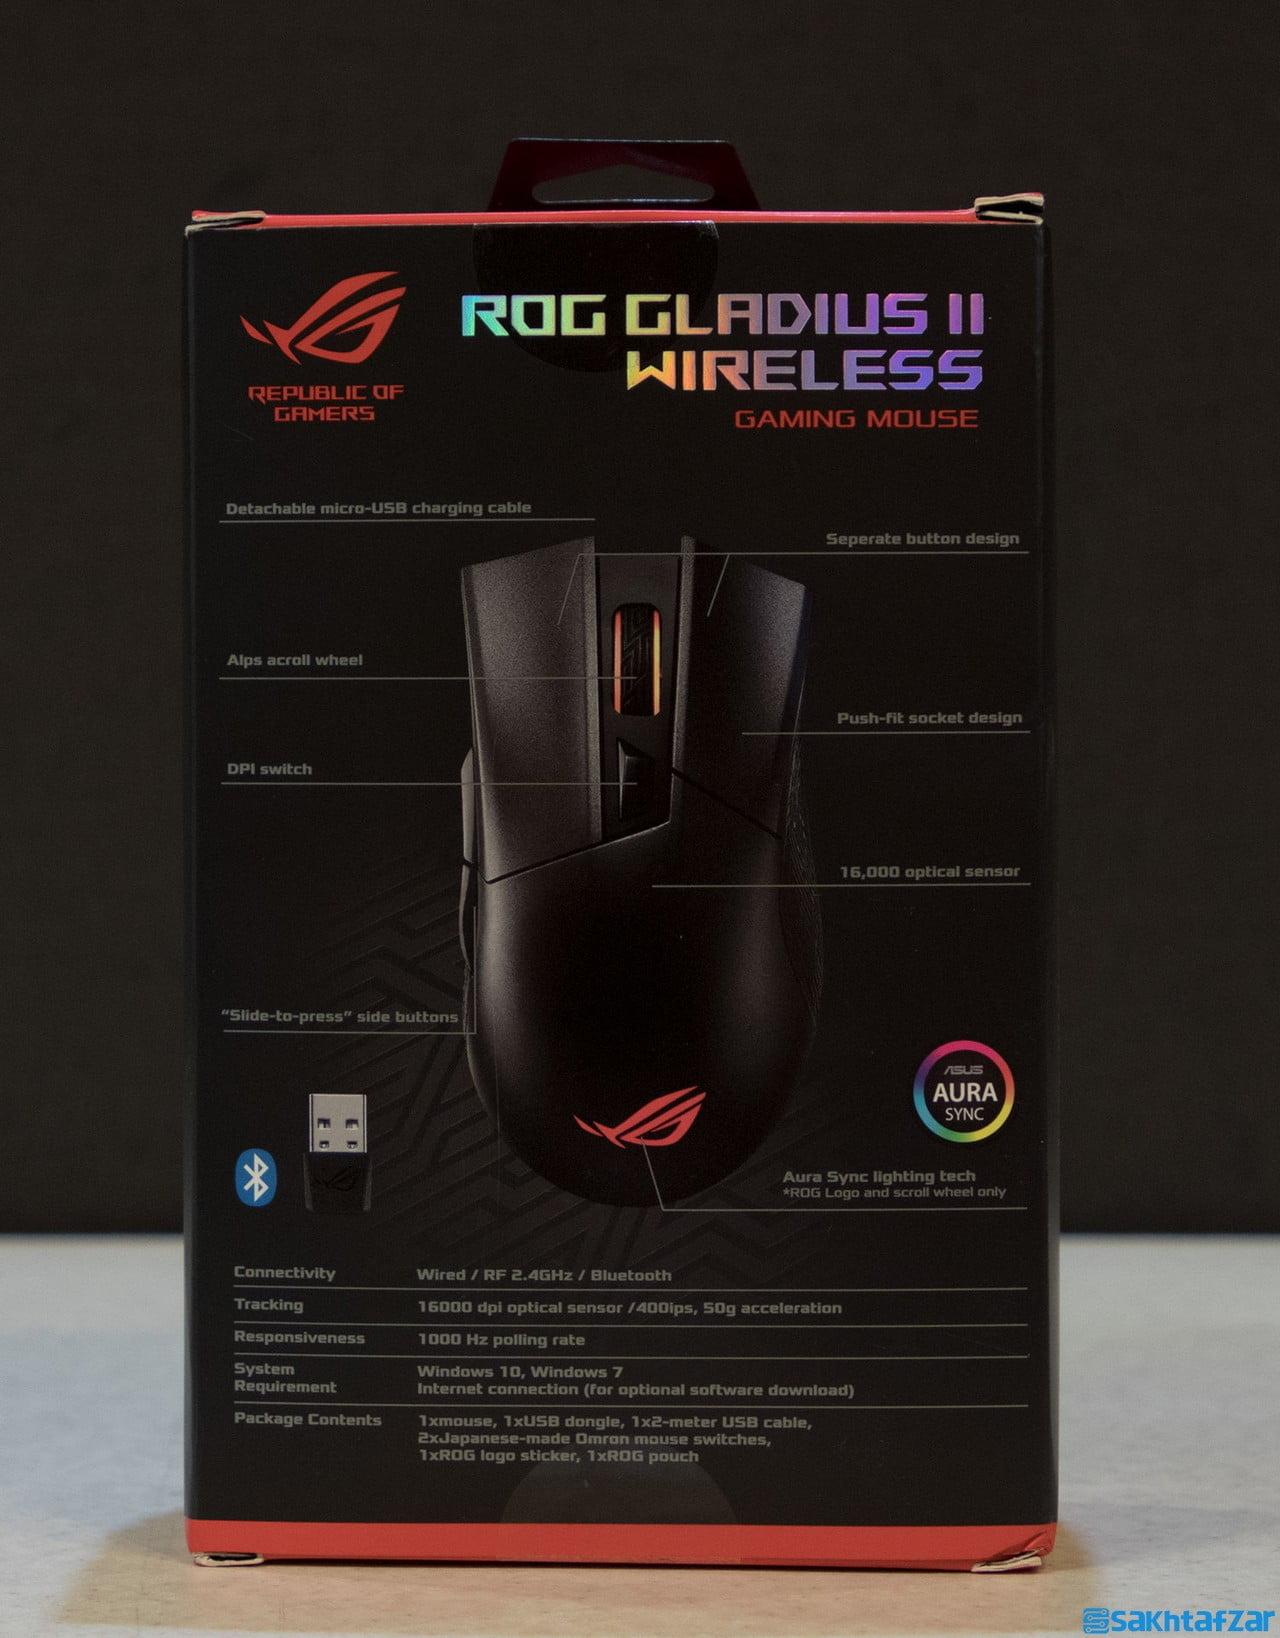 بررسی ماوس گیمینگ بی سیم ASUS ROG STRIX GLADIUS II